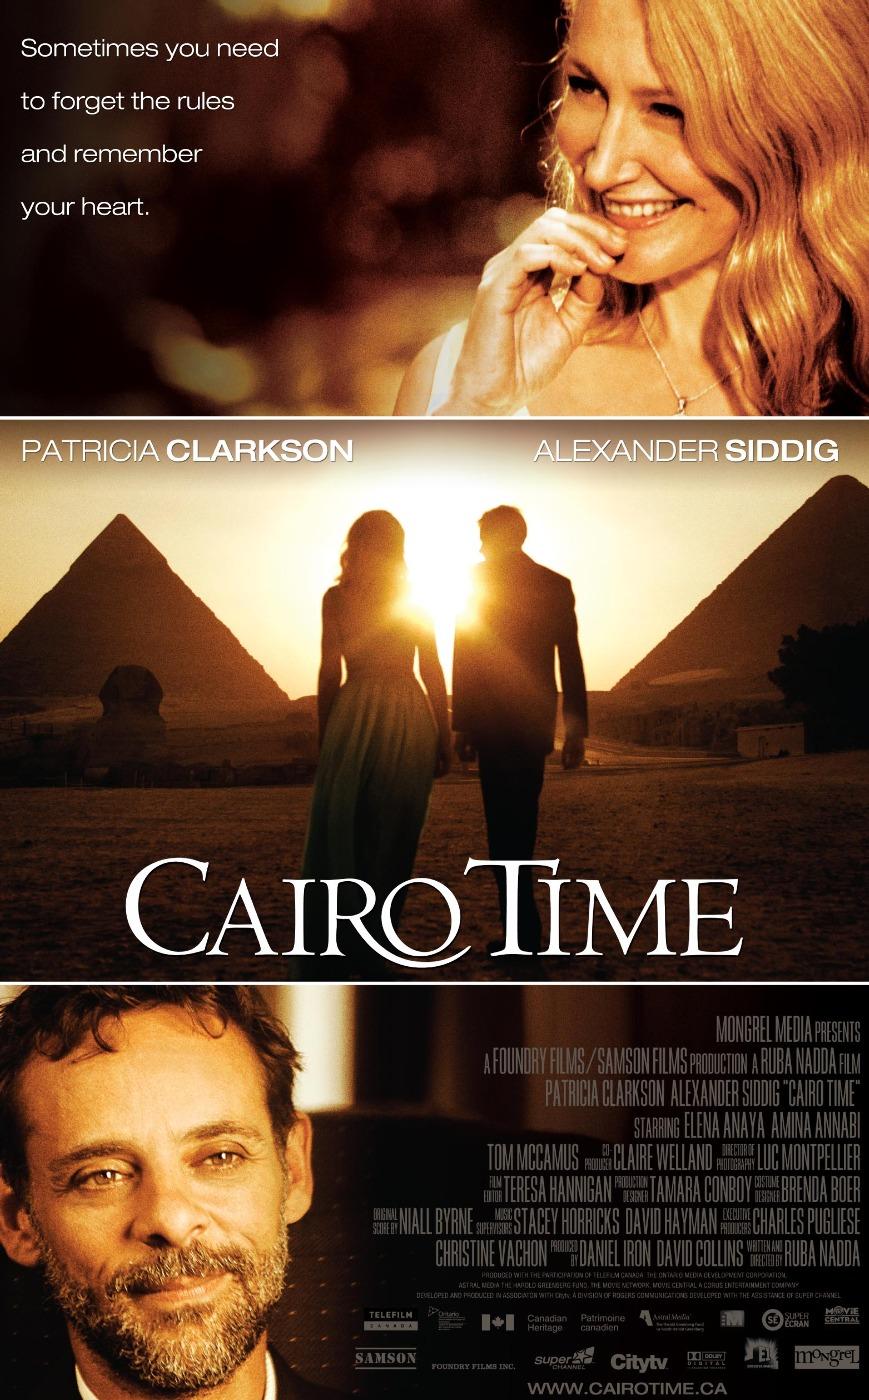 http://1.bp.blogspot.com/_Zs-x3zVJXEs/TFoGlYDPJ9I/AAAAAAAAJZ0/t58YtMrZ9ss/s1600/Cairo+poster.jpg